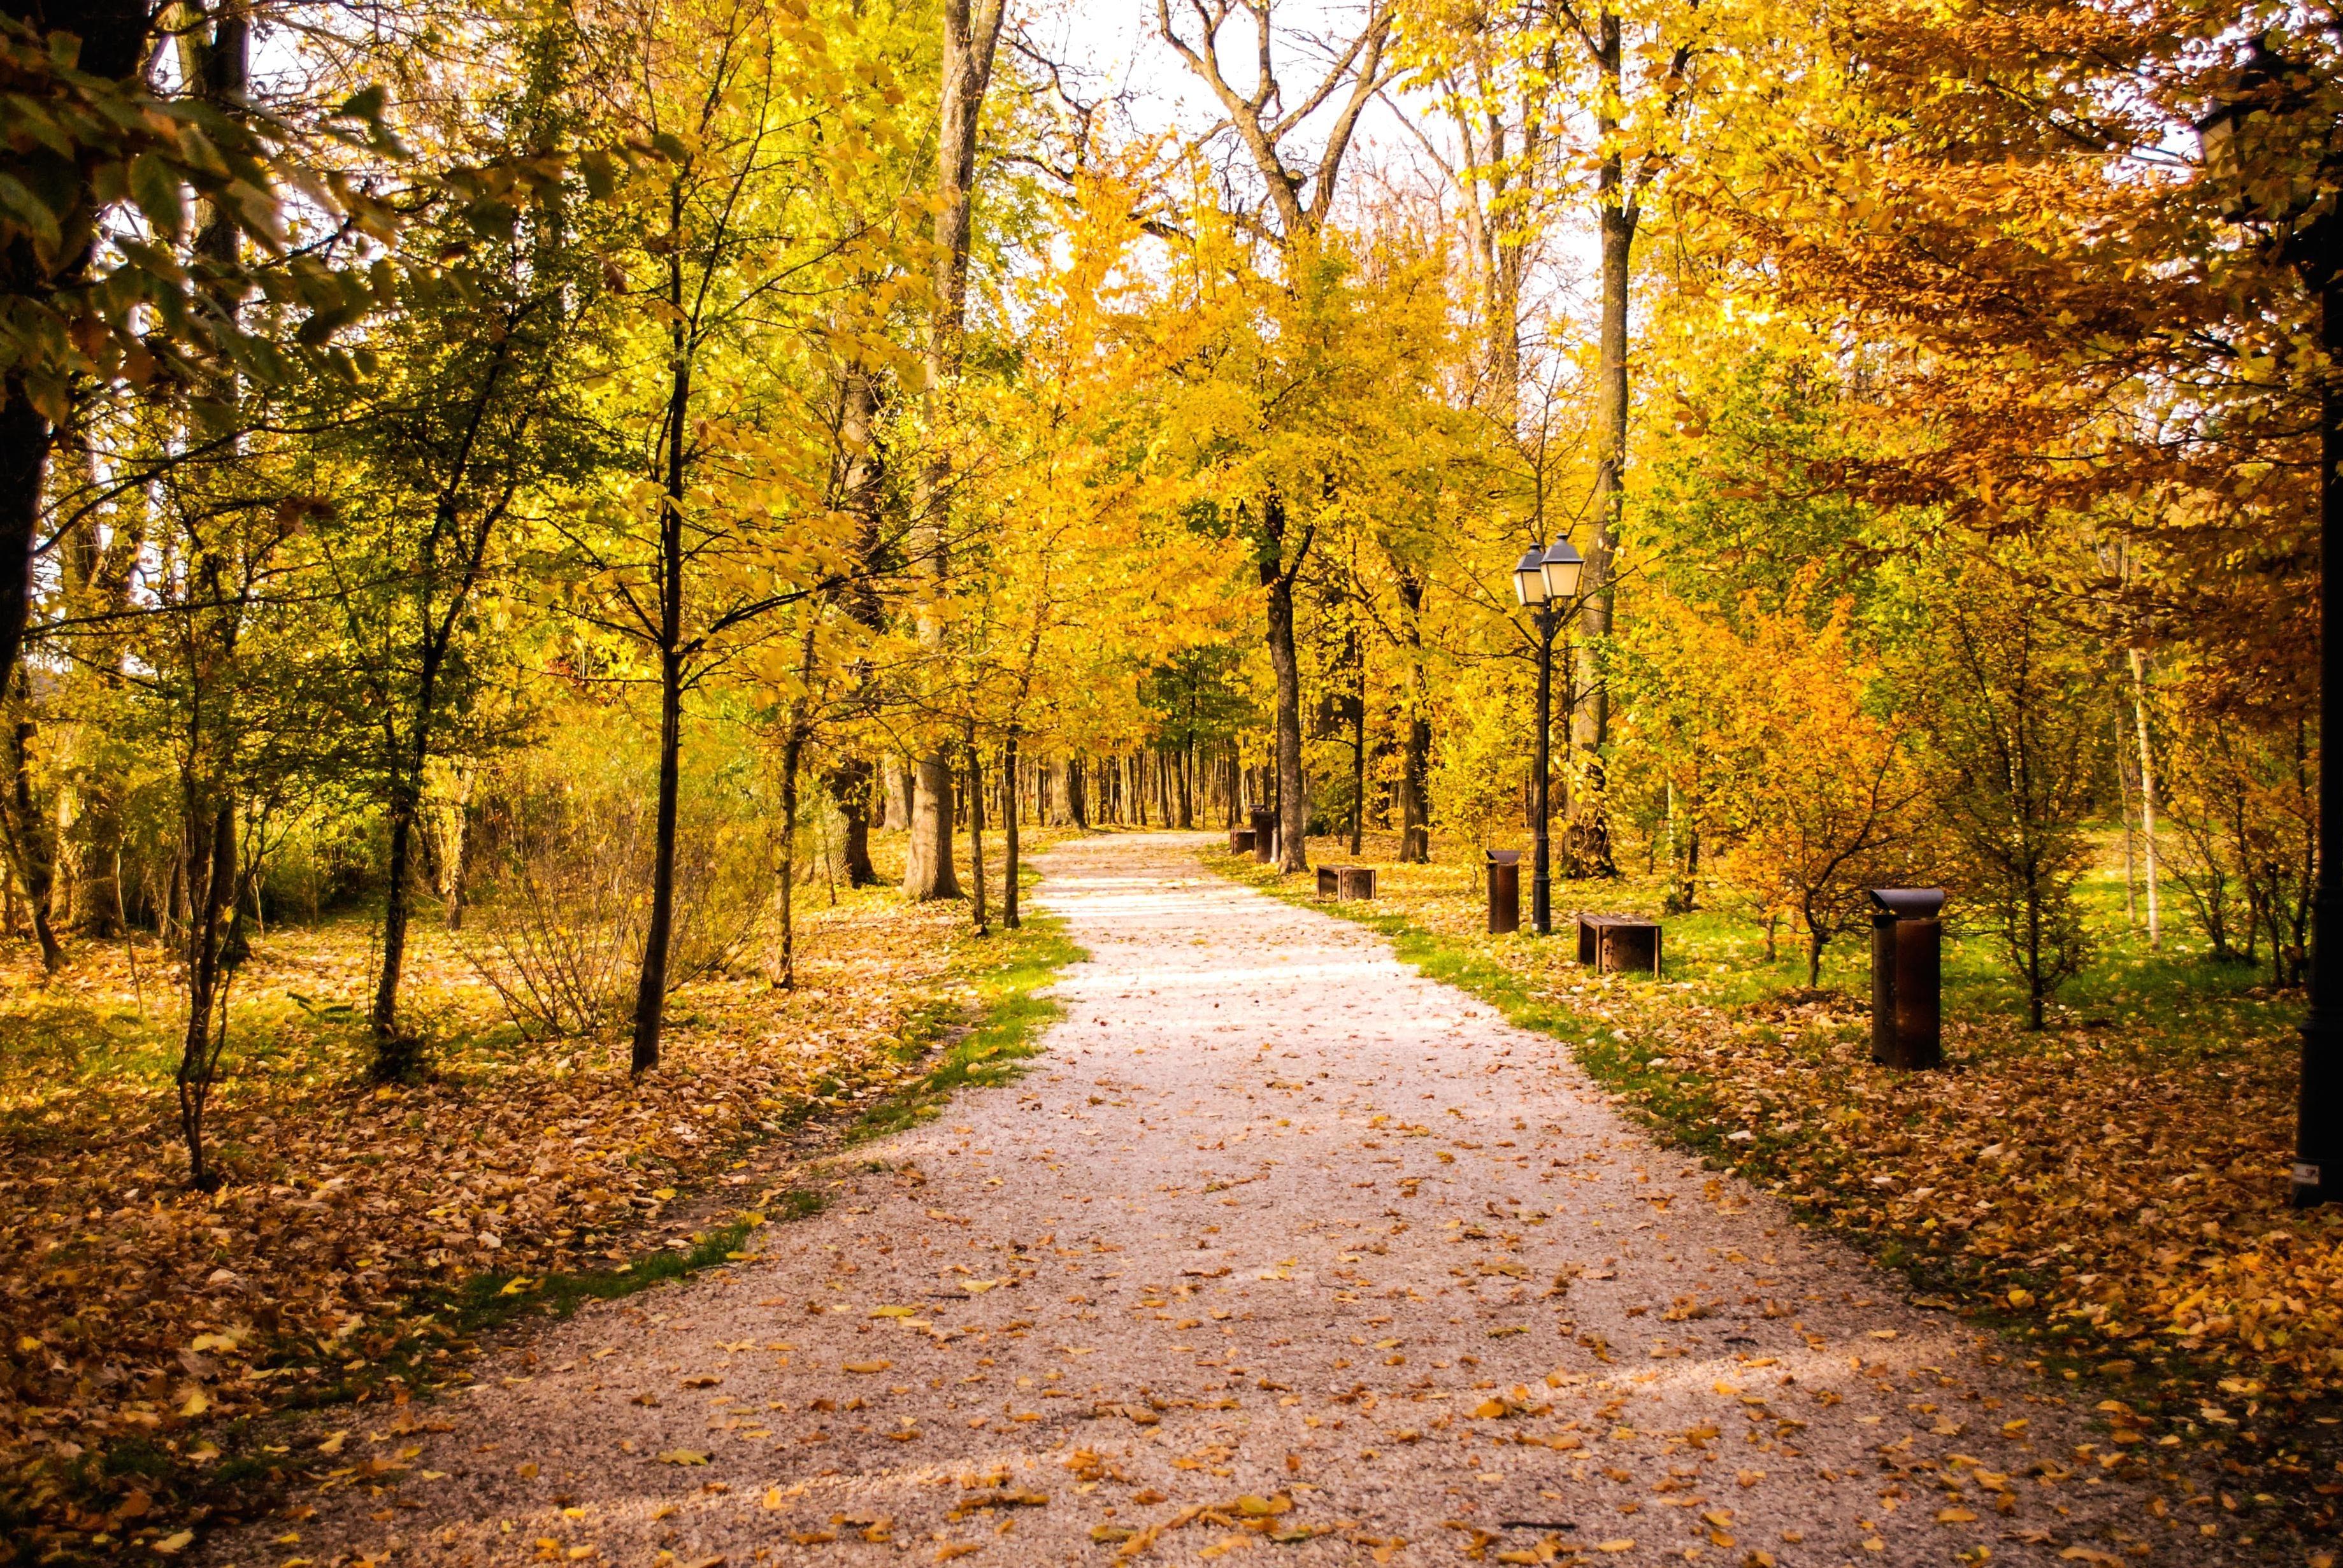 3d Wallpaper New York City Image Libre Feuille Route Bois Arbre Paysage Parc